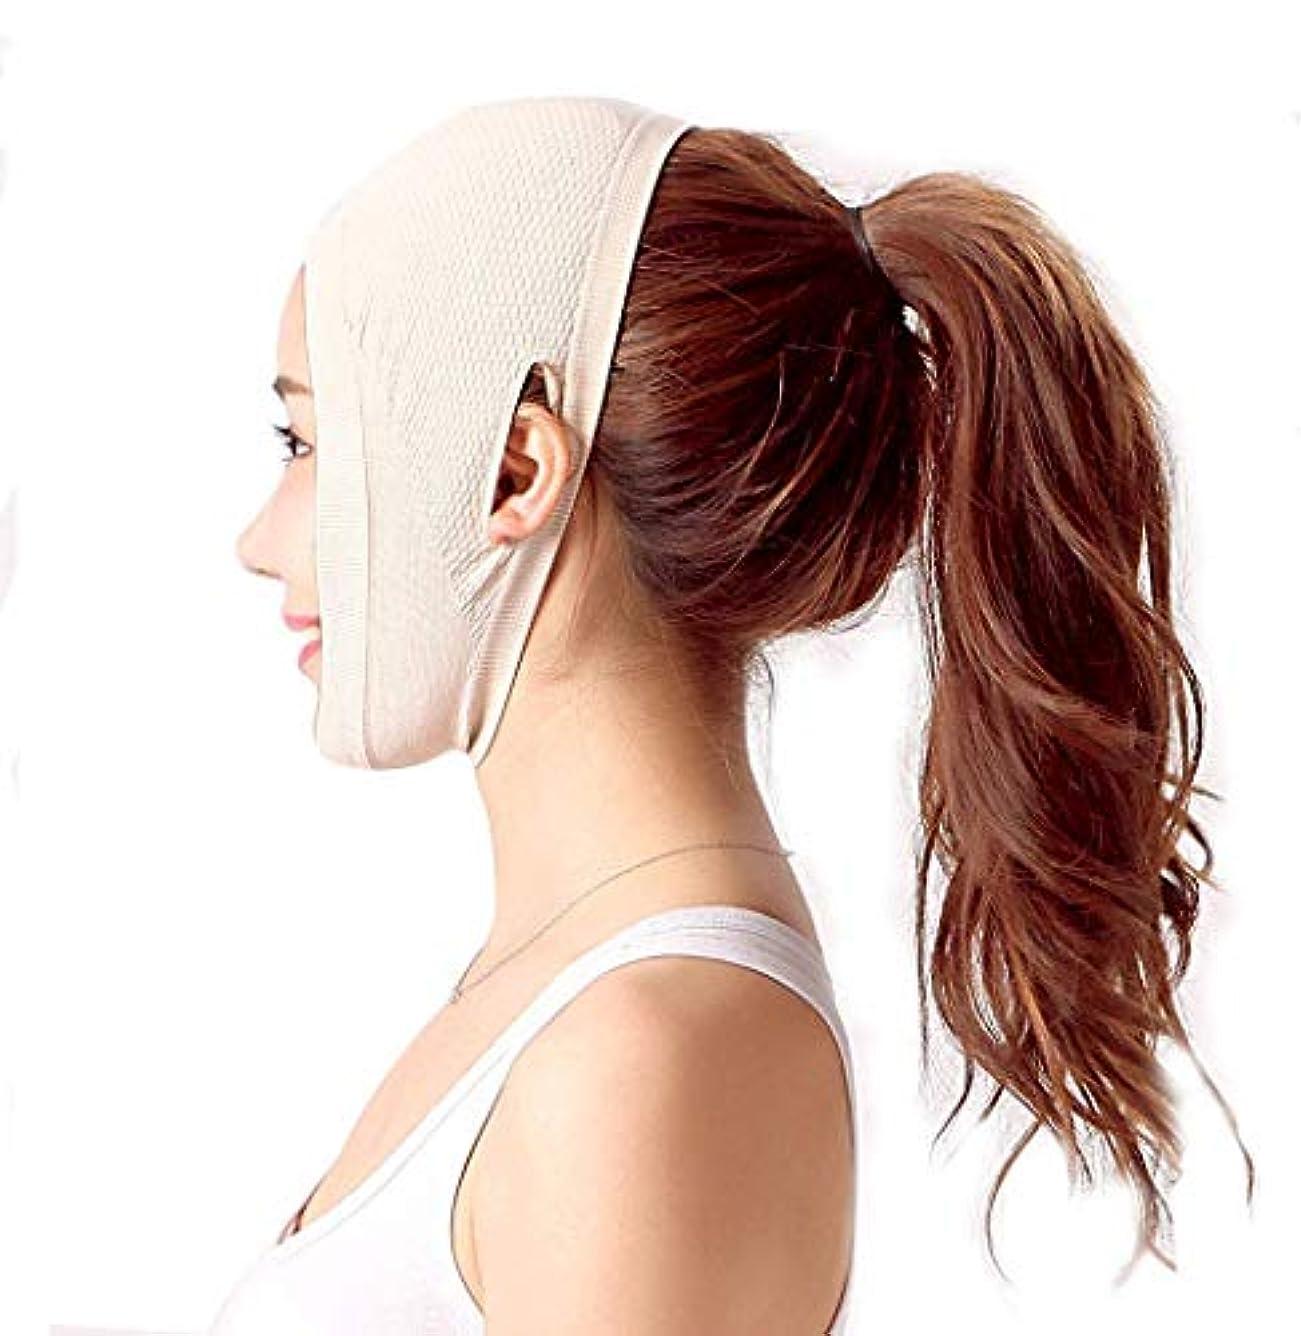 カエル幽霊認めるHUYYA Vライン頬、女性の顔を持ち上げるベルト 二重あごの減量顔 しわ防止包帯,Flesh_X-Large